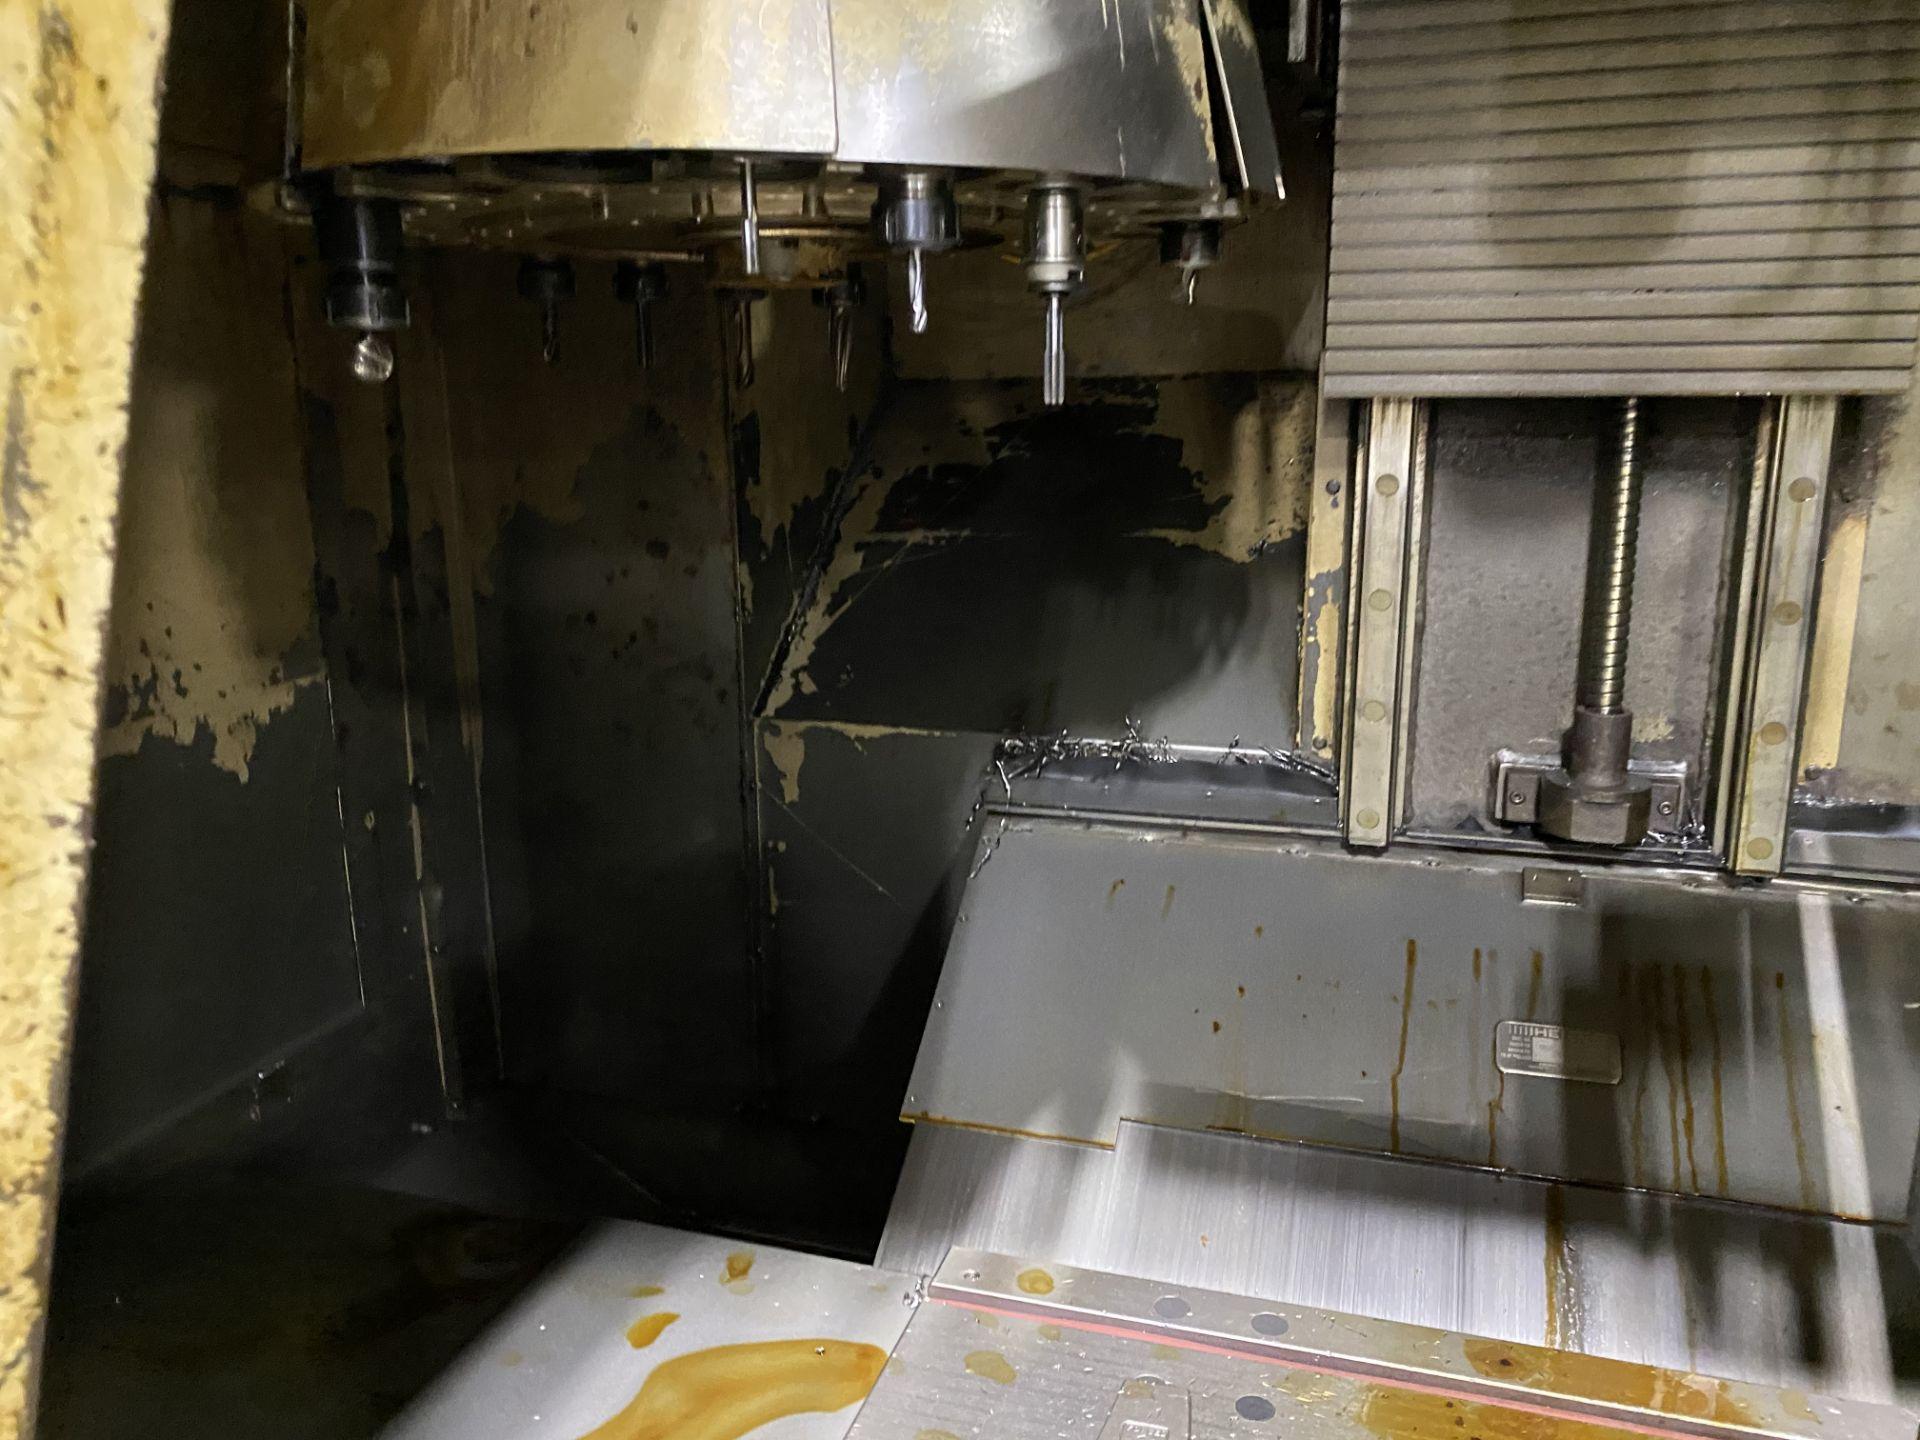 Cincinnati Sabre 750 VMC - Image 3 of 6